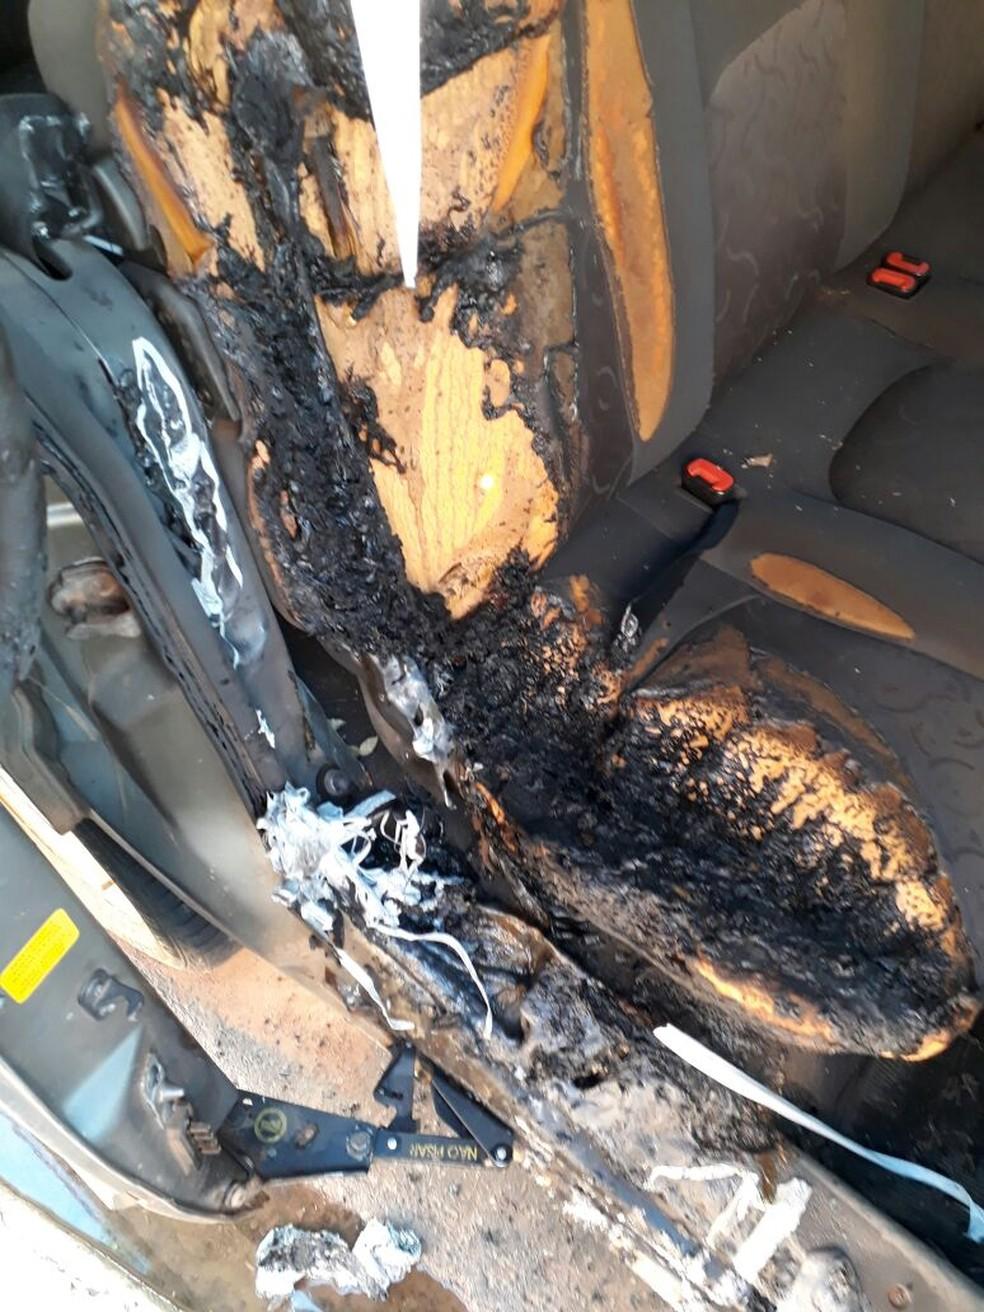 Veículos são incendiados em bairros de Buritama (Foto: Arquivo Pessoal)